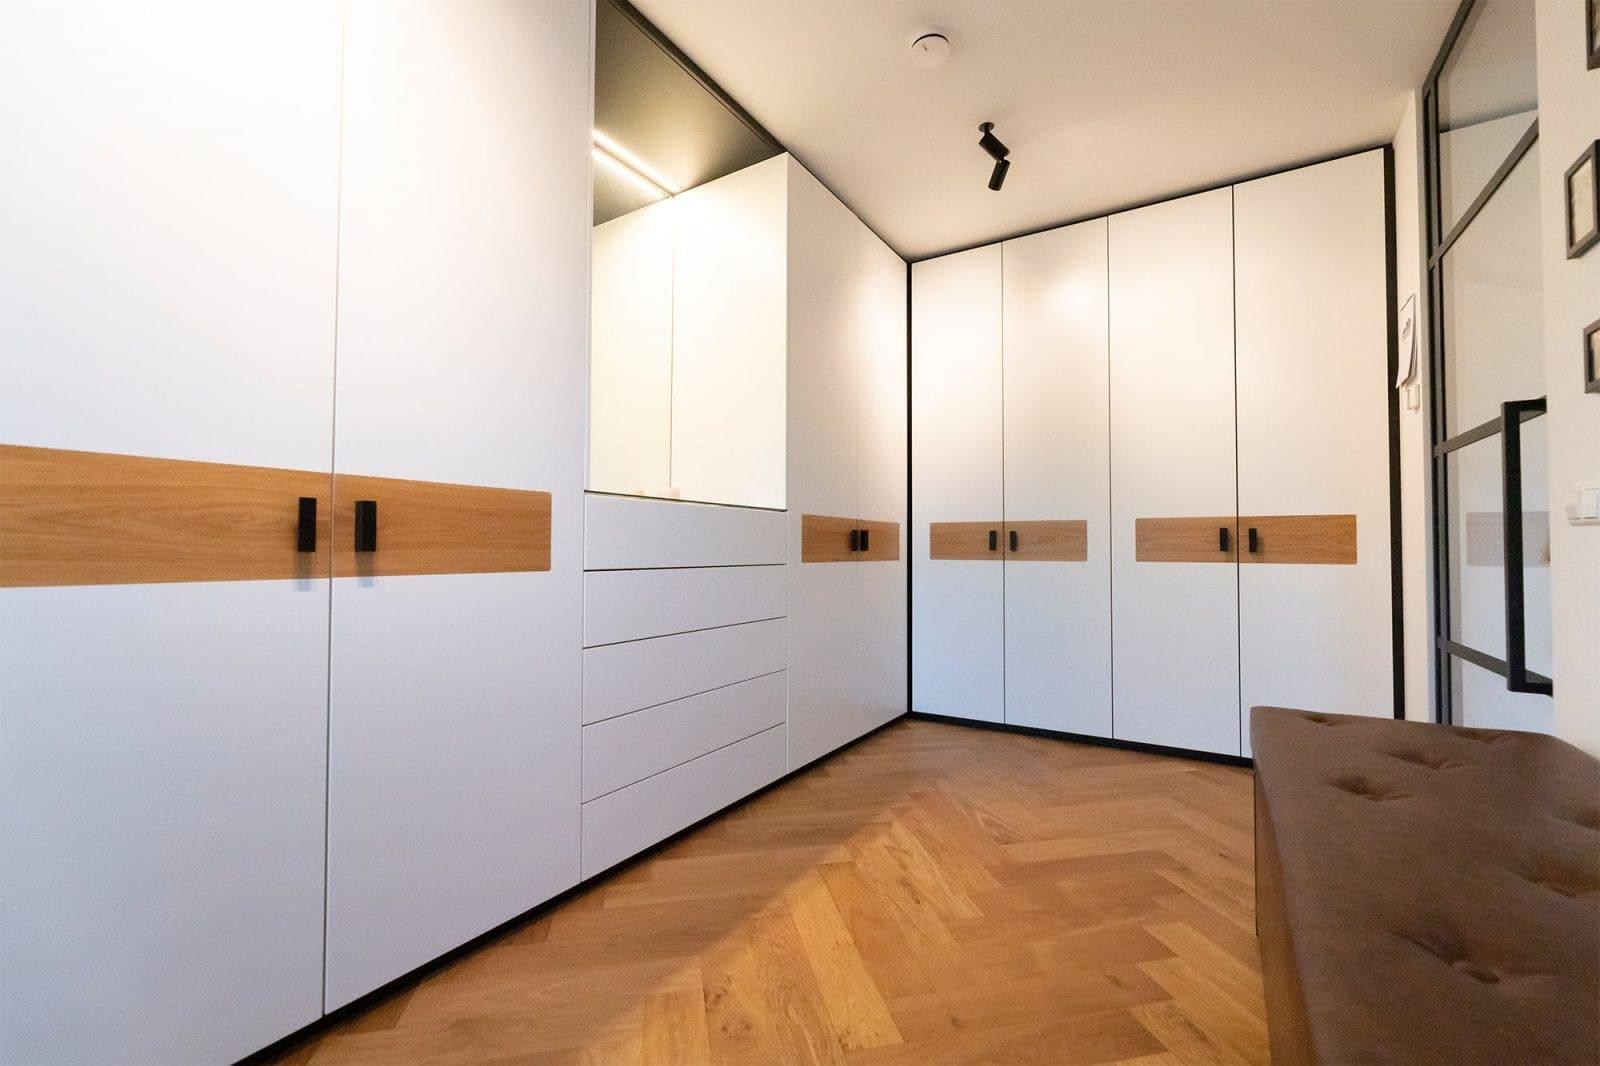 Interieurbouwer Gouda Hebben En Moderne Witte Keuken Gemaakt